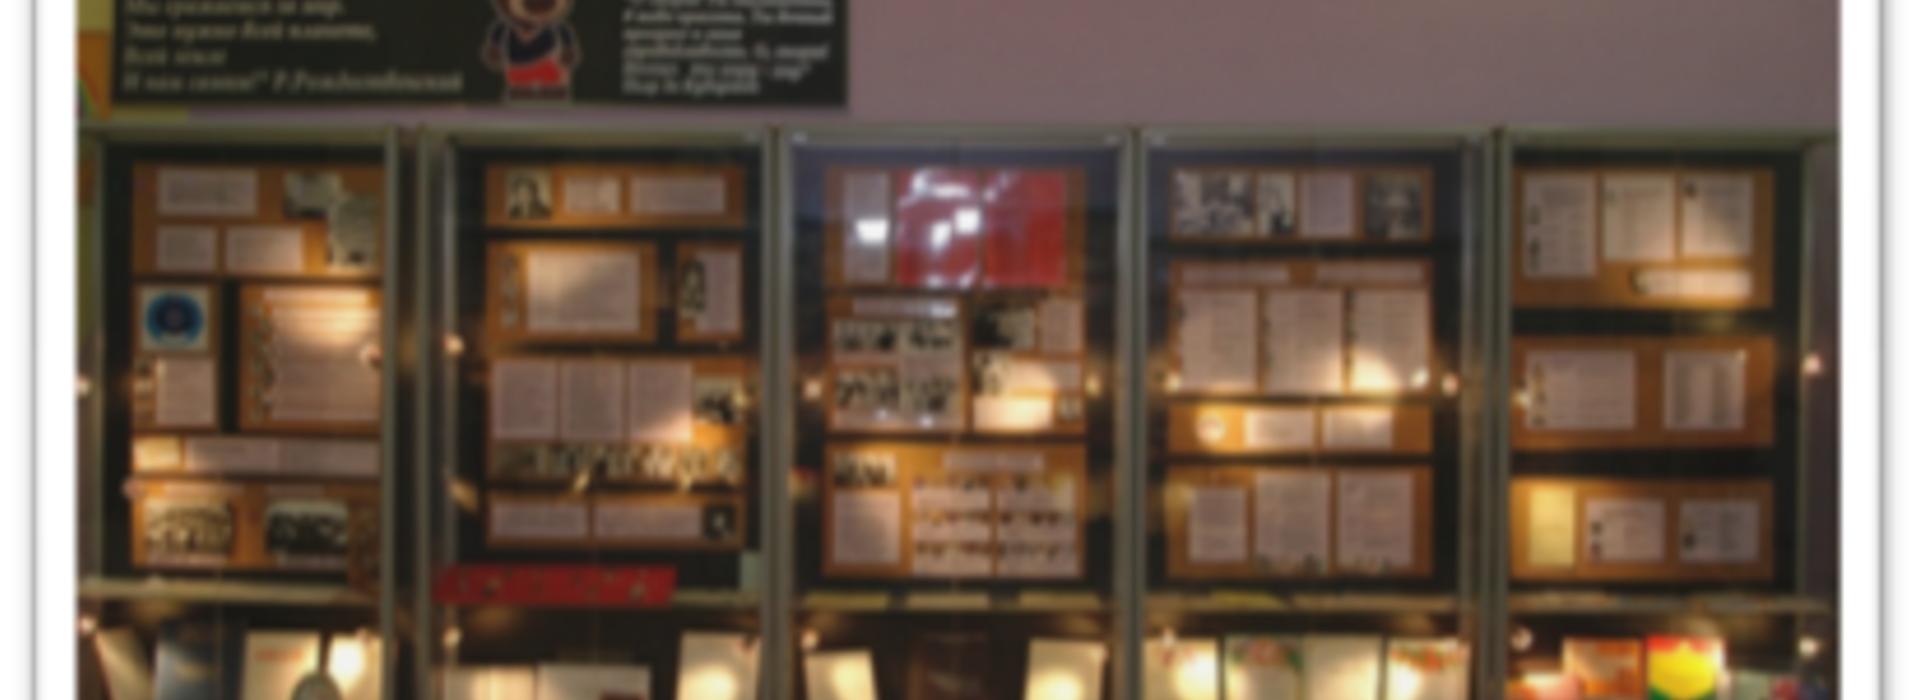 Музей истории колледжа Дорогомилово (филиал музея истории СПО им.К.Д.Ушинского)